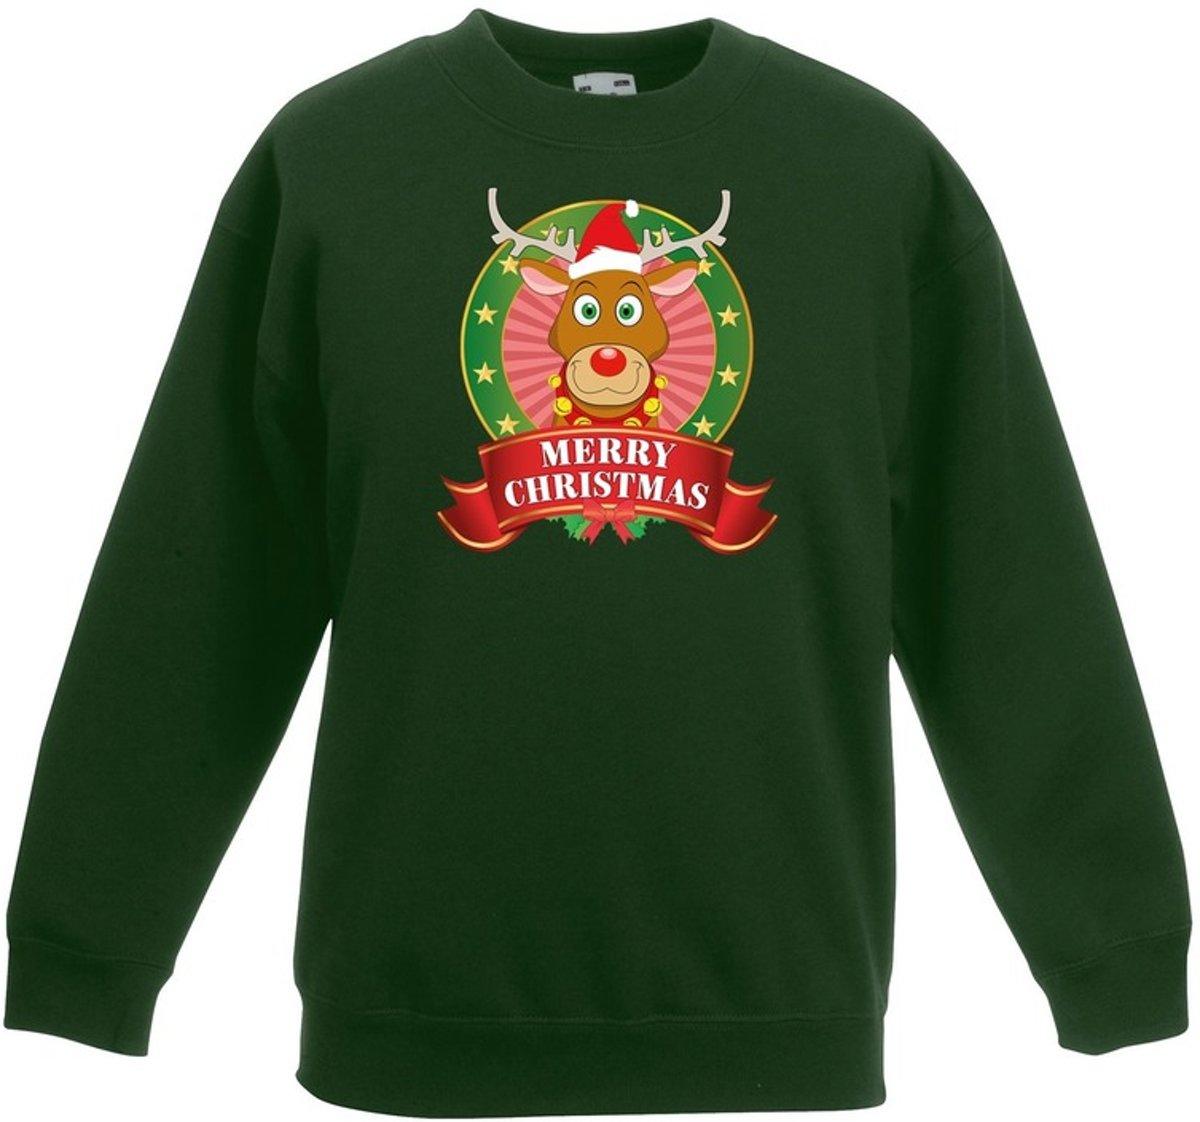 Groene kersttrui met rudolf het rendier jongens en meisjes - Kerstruien kind 3-4 jaar (98/104) kopen